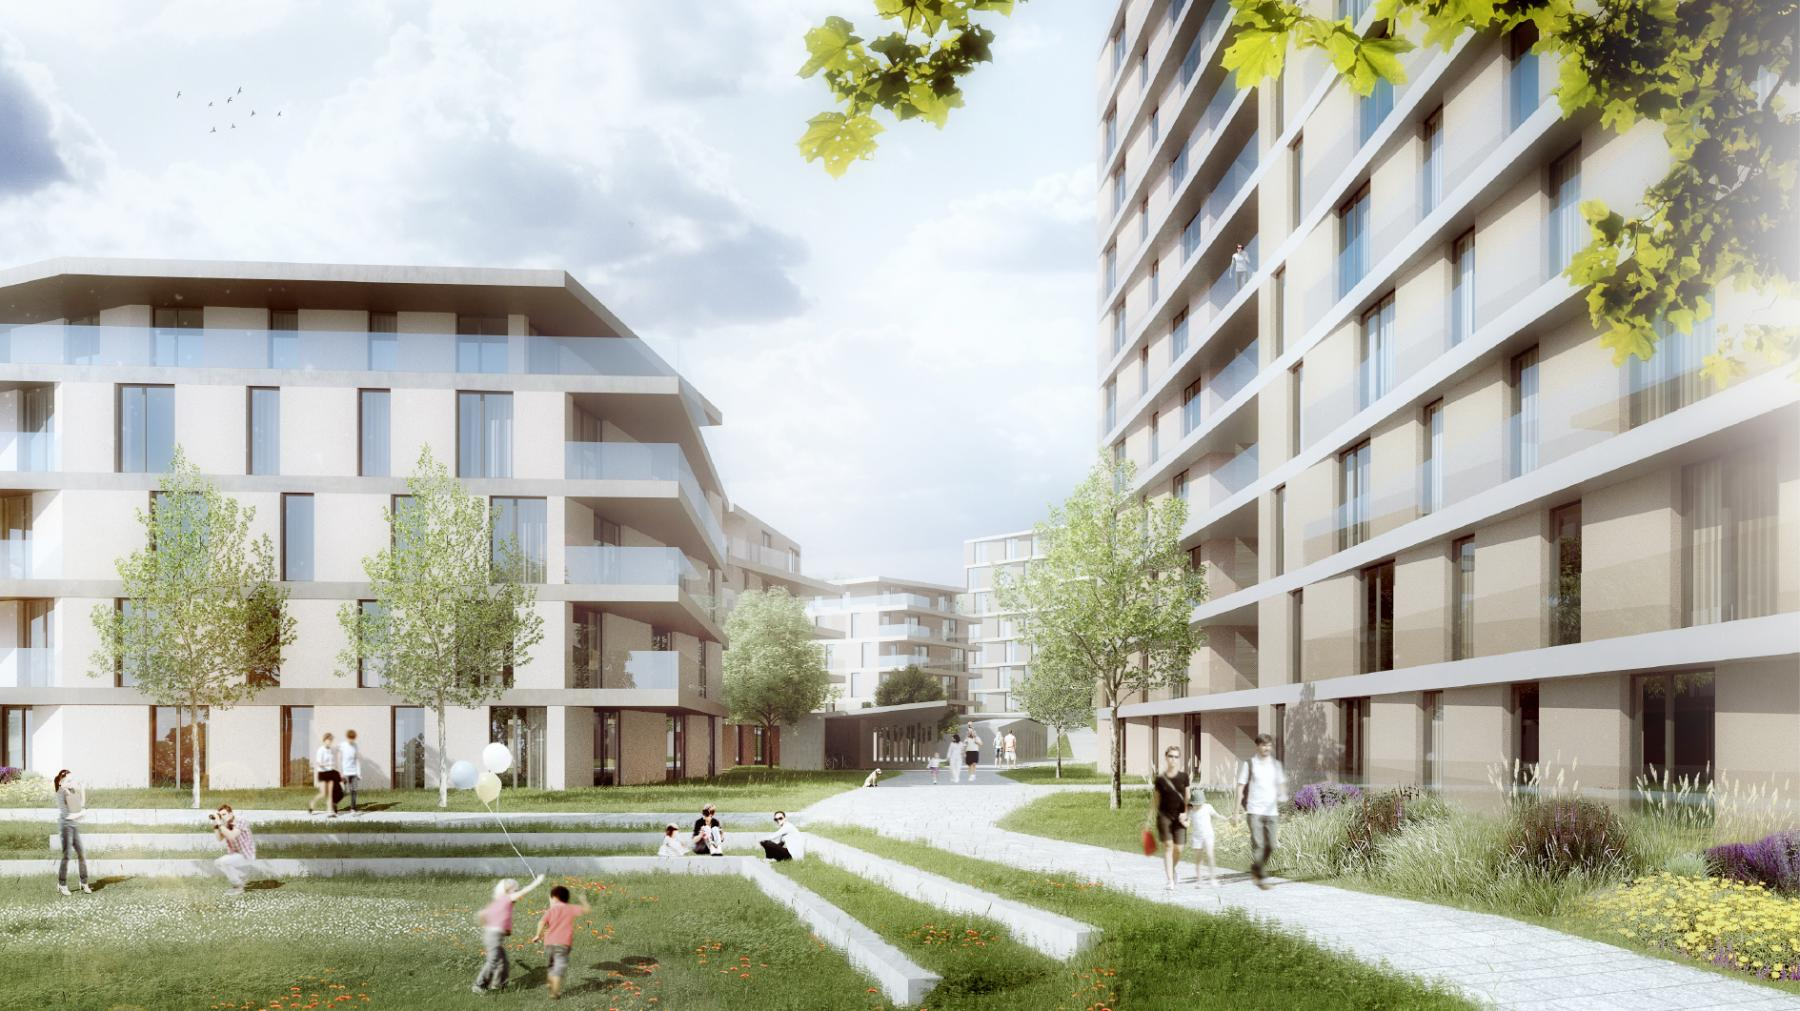 Construction de logements dans le quartier des Fiches Nord, Lot 11, PPA Bérée 2, Lausanne, Jean-Baptiste Ferrari & Associés, Maiougi